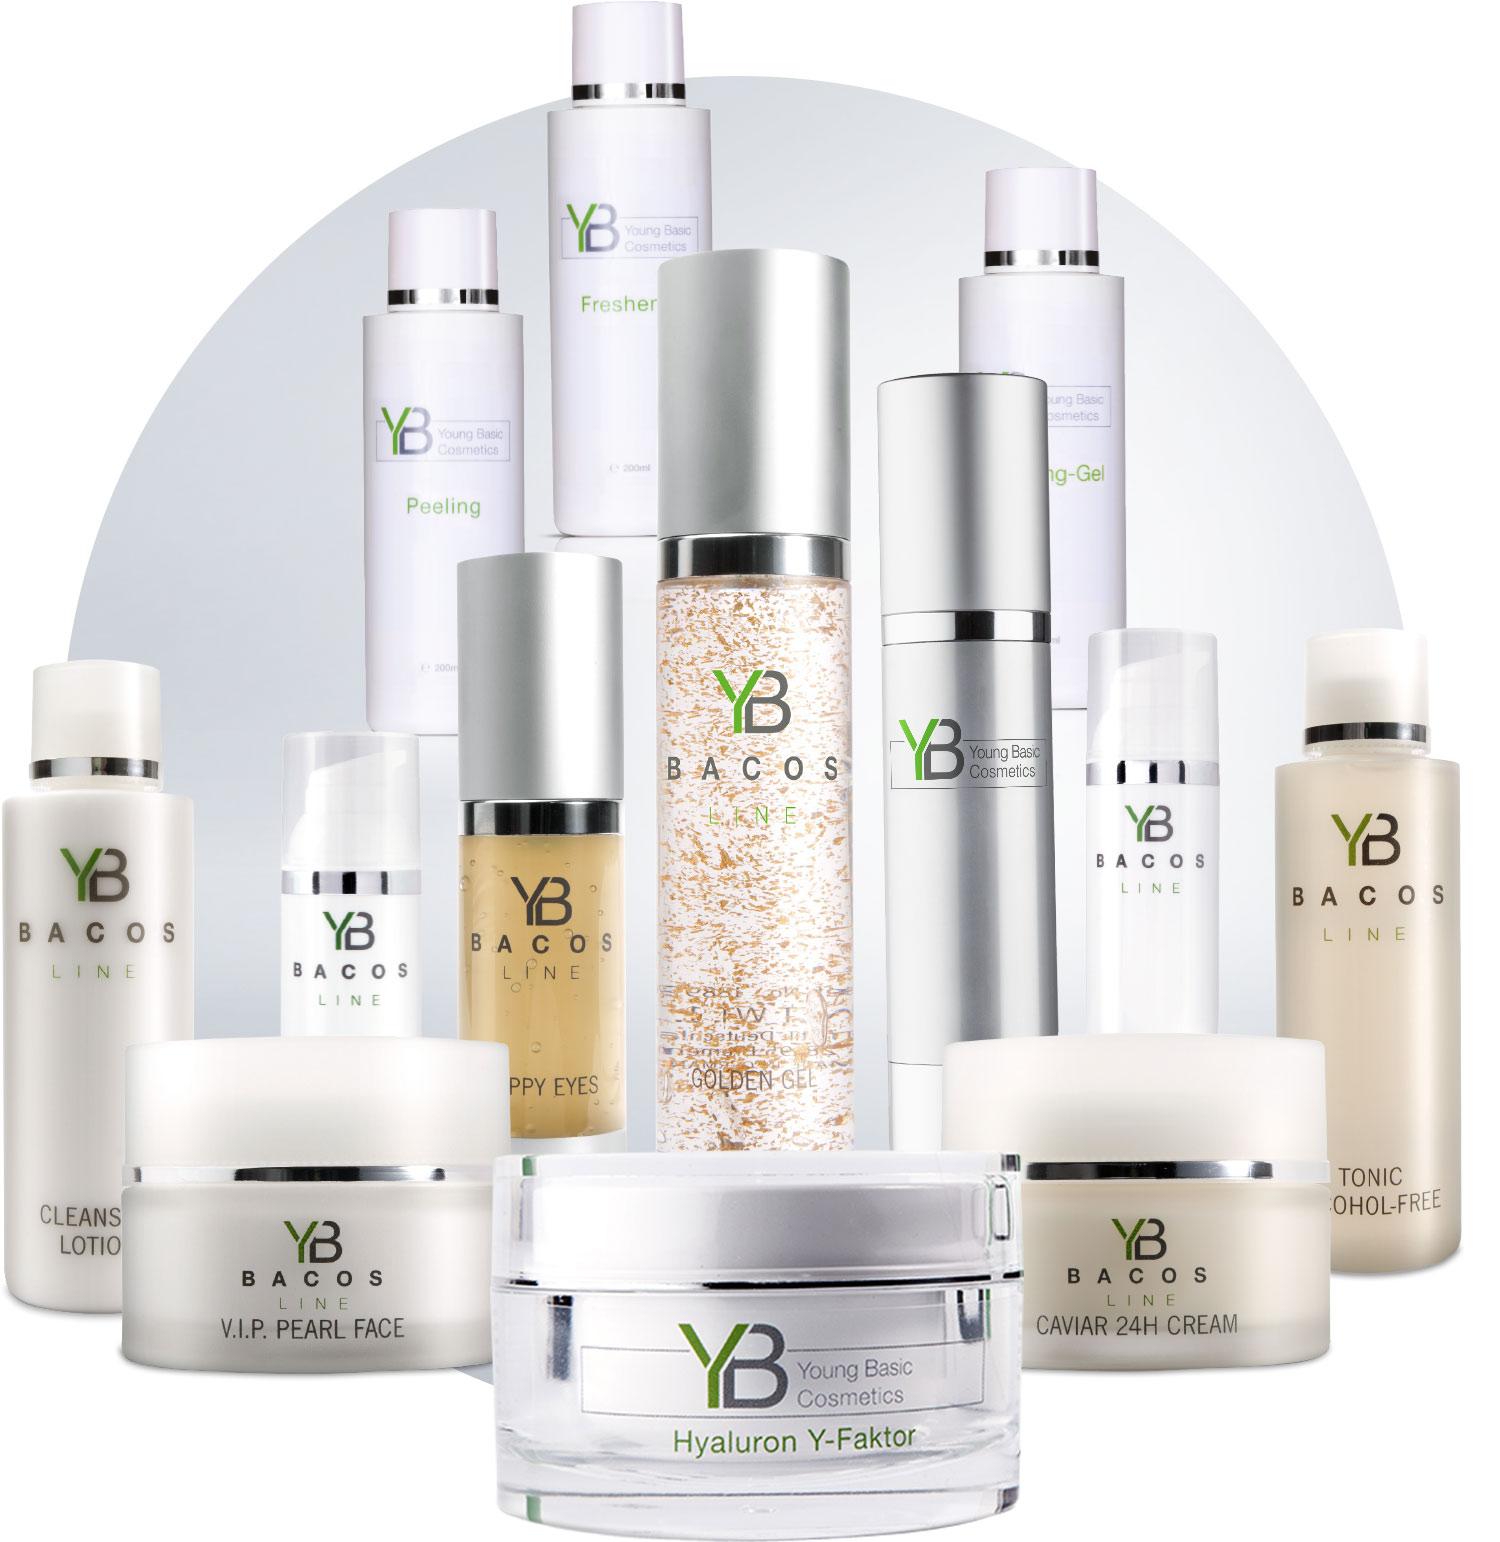 Kombinieren Sie den Hifu Young Skin Pro 3D mit der hochwertigen Kosmetiklinie von Young Basic. Die ideale Ergänzung für die besten Ergebnisse.